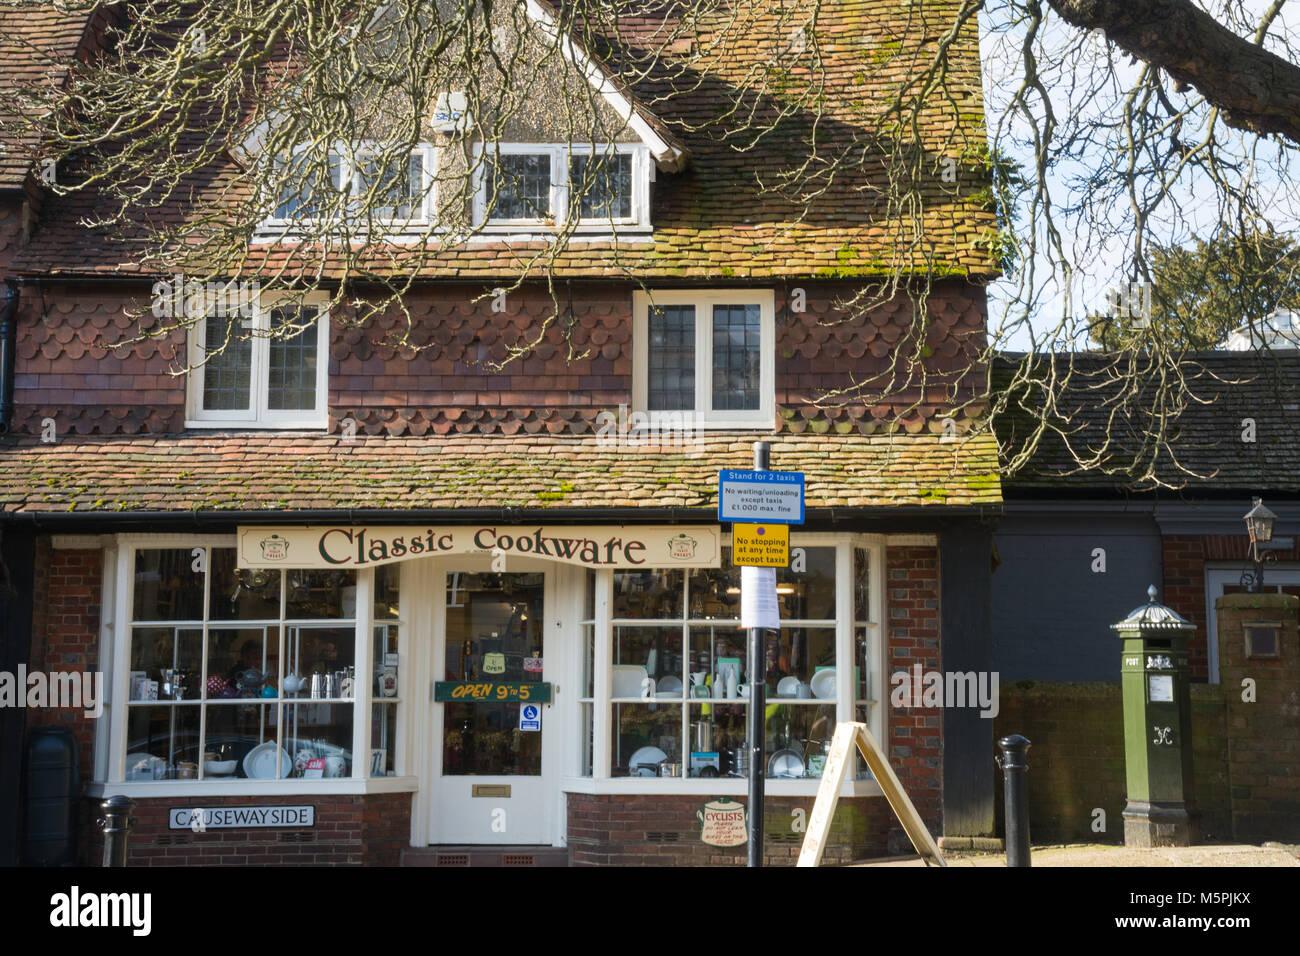 Cuisine classique boutique sur High Street, dans le centre-ville de Haslemere, Surrey, UK Banque D'Images